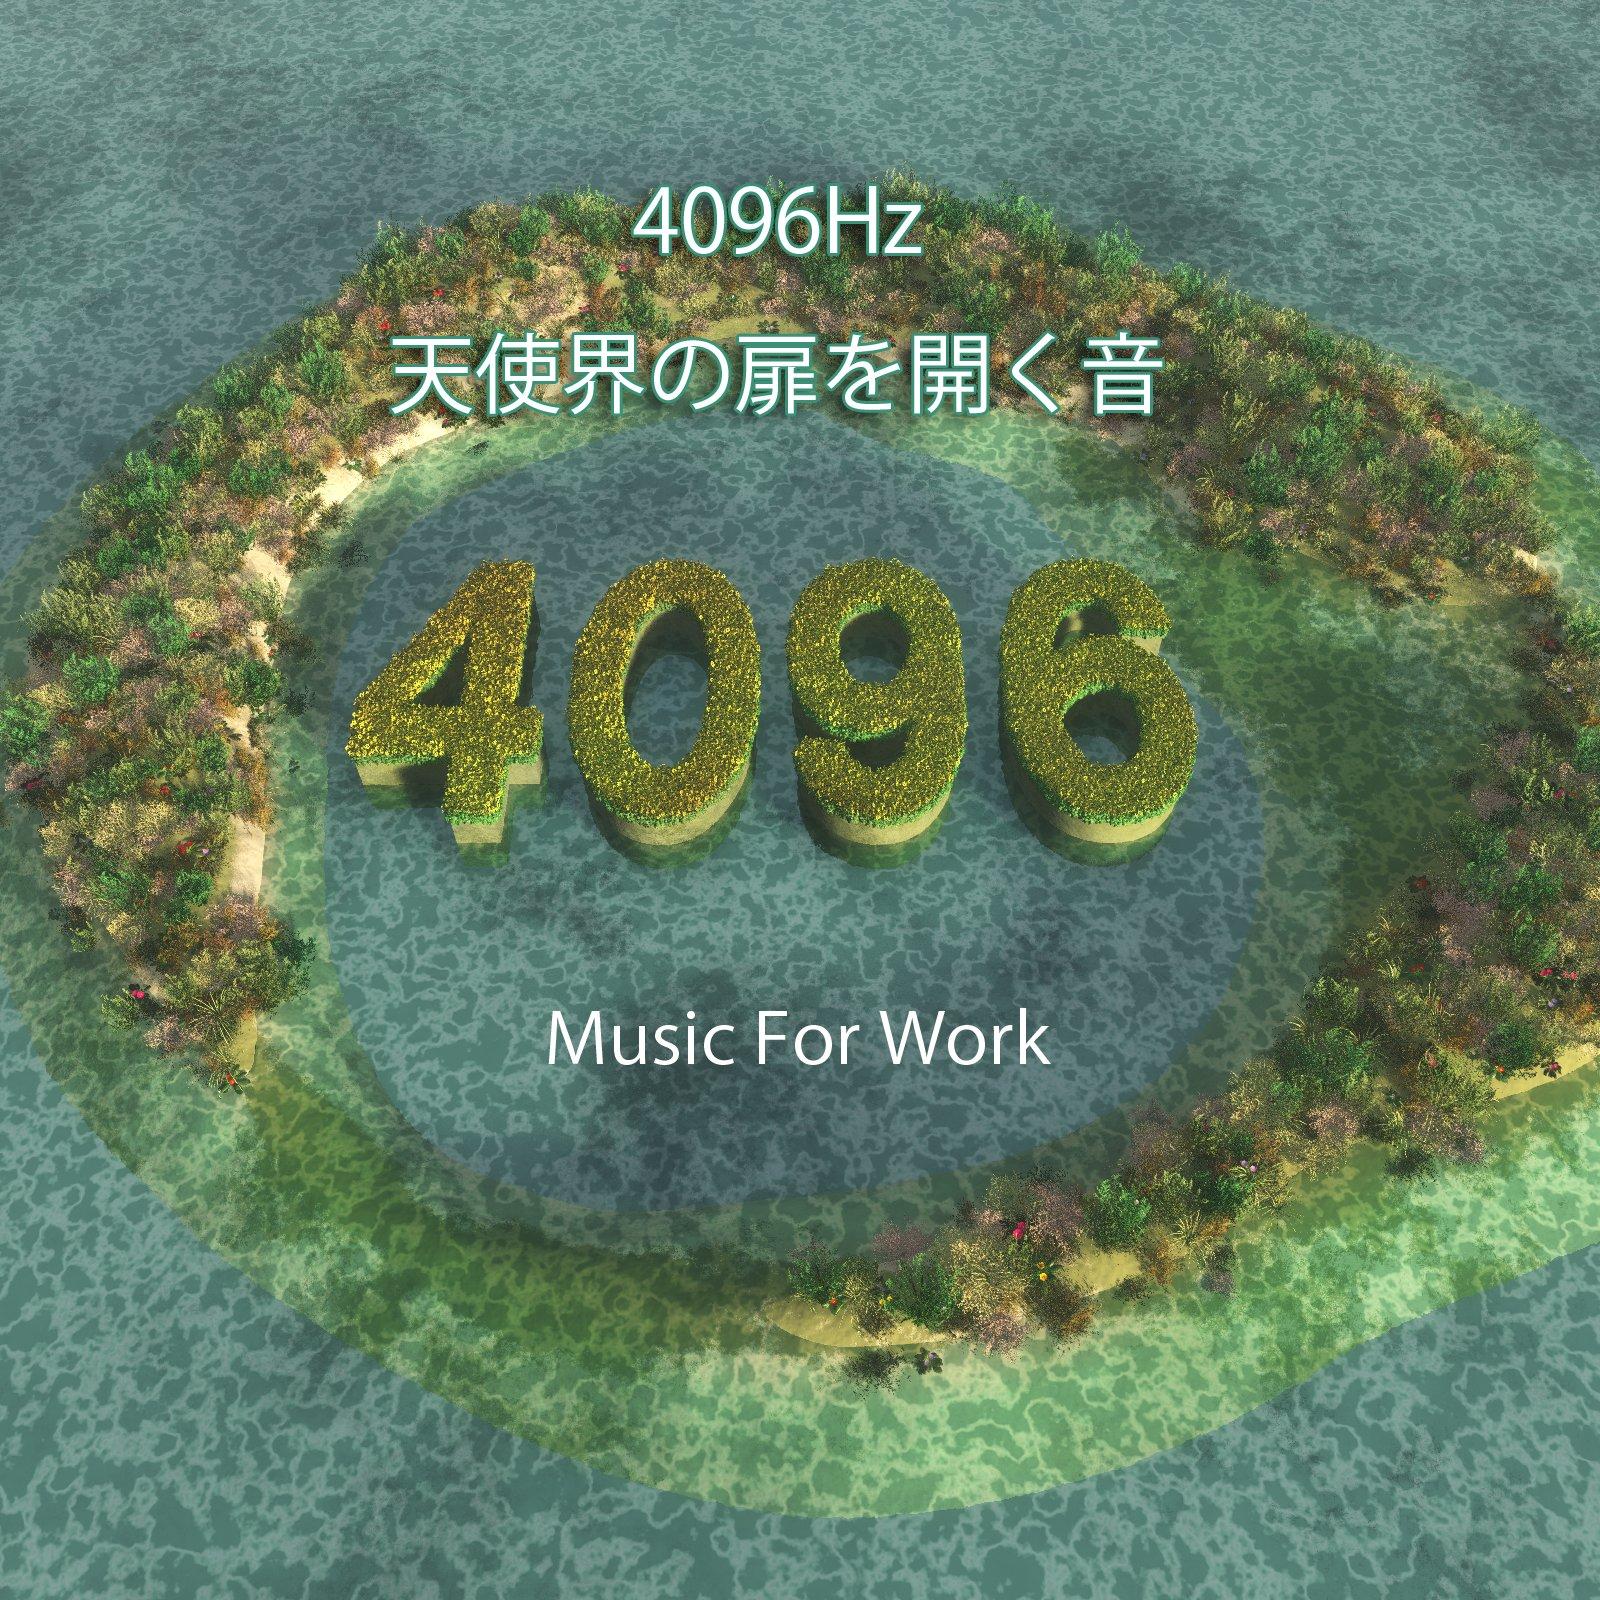 Image.jpg?sr.dw=286&sr